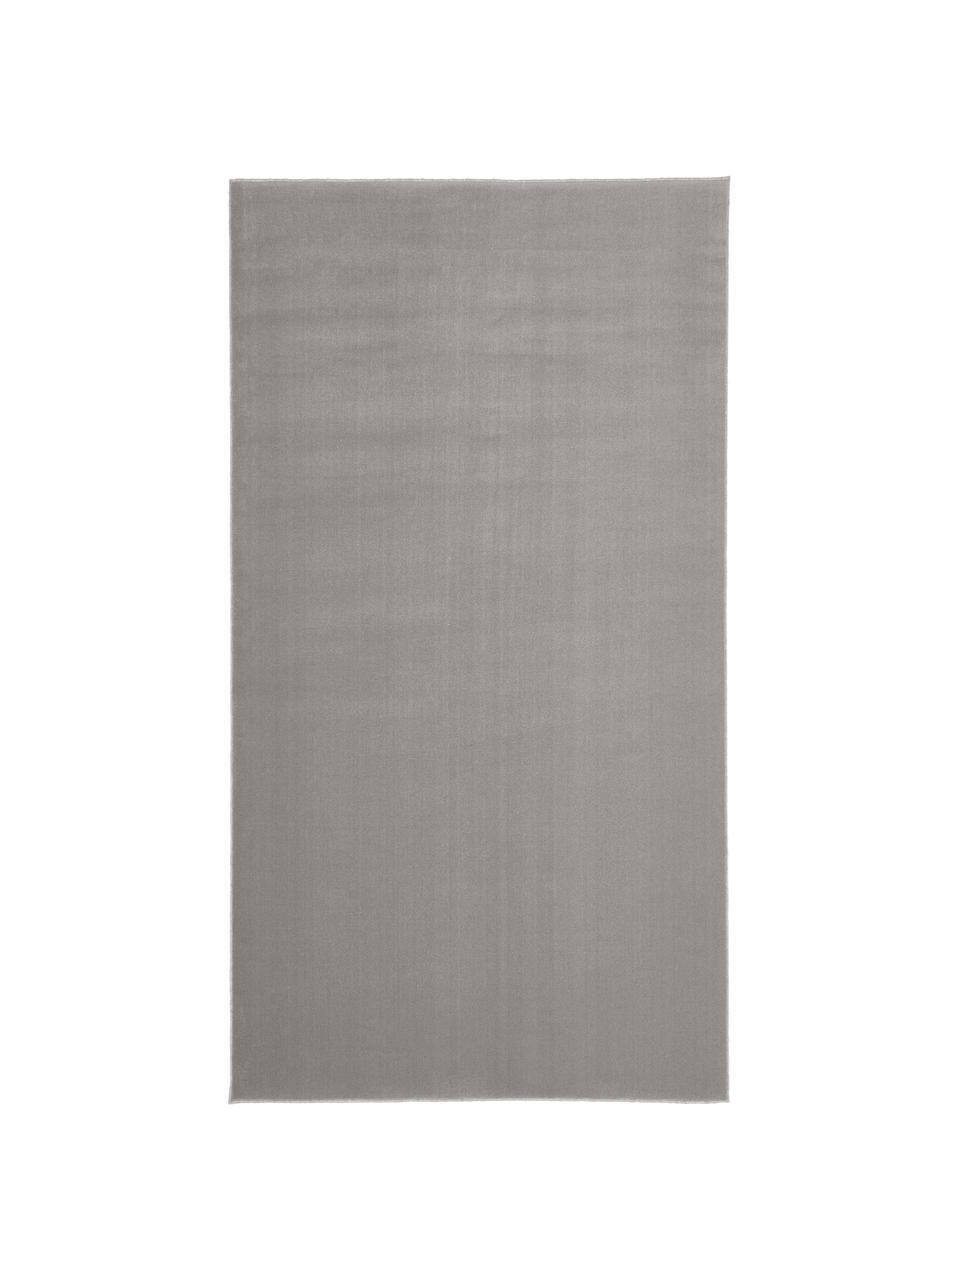 Wollteppich Ida in Grau, Flor: 100% Wolle, Grau, B 300 x L 400 cm (Größe XL)